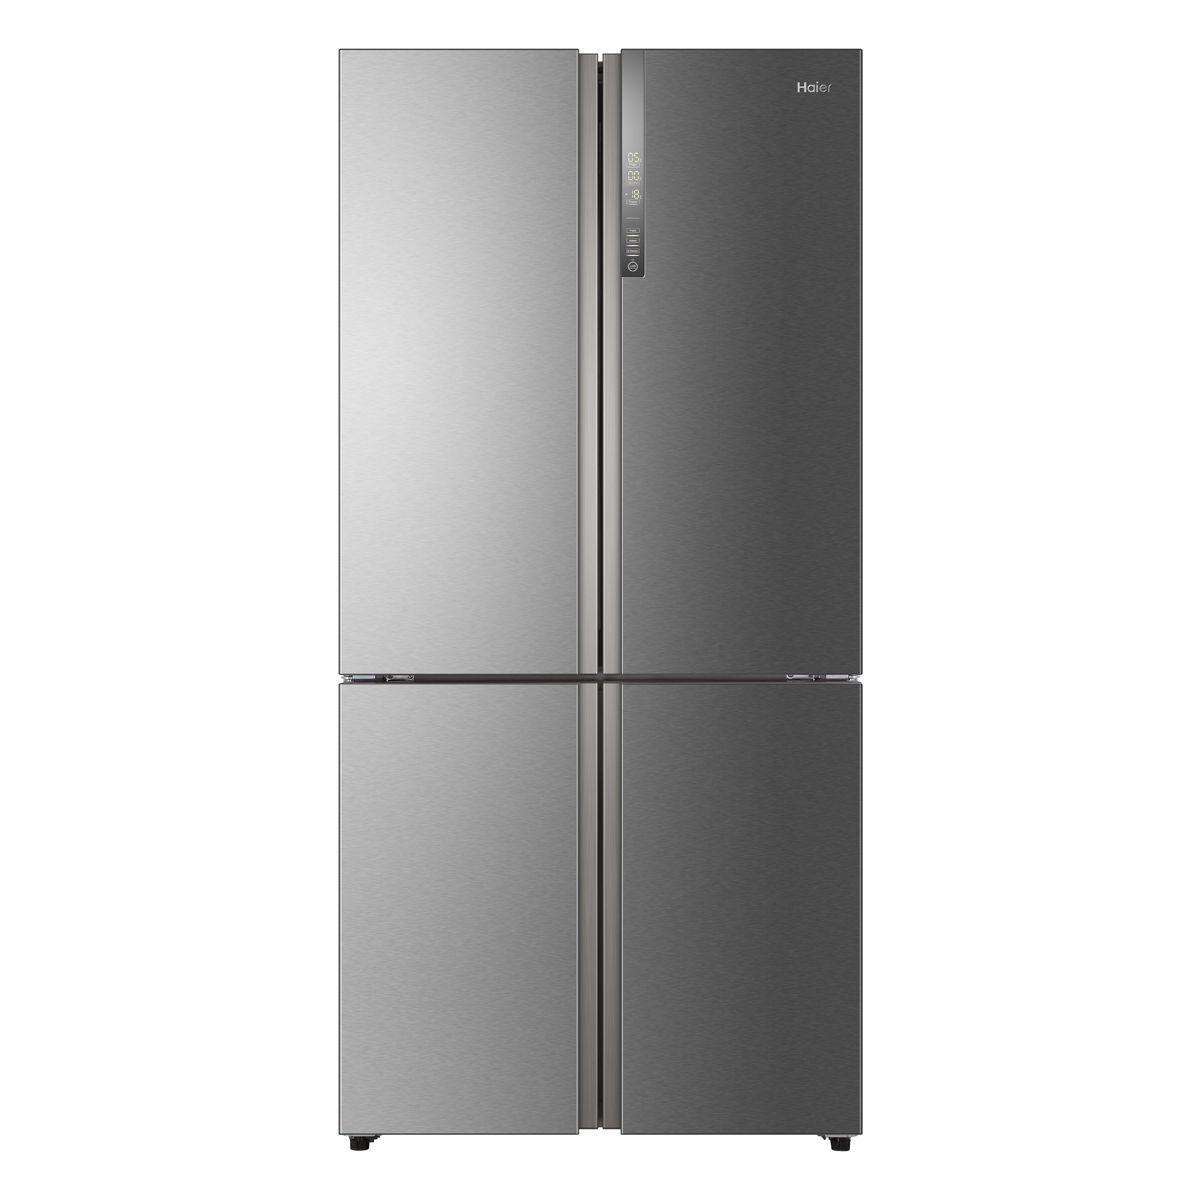 Réfrigérateur multi portes HAIER HTF-610DM7